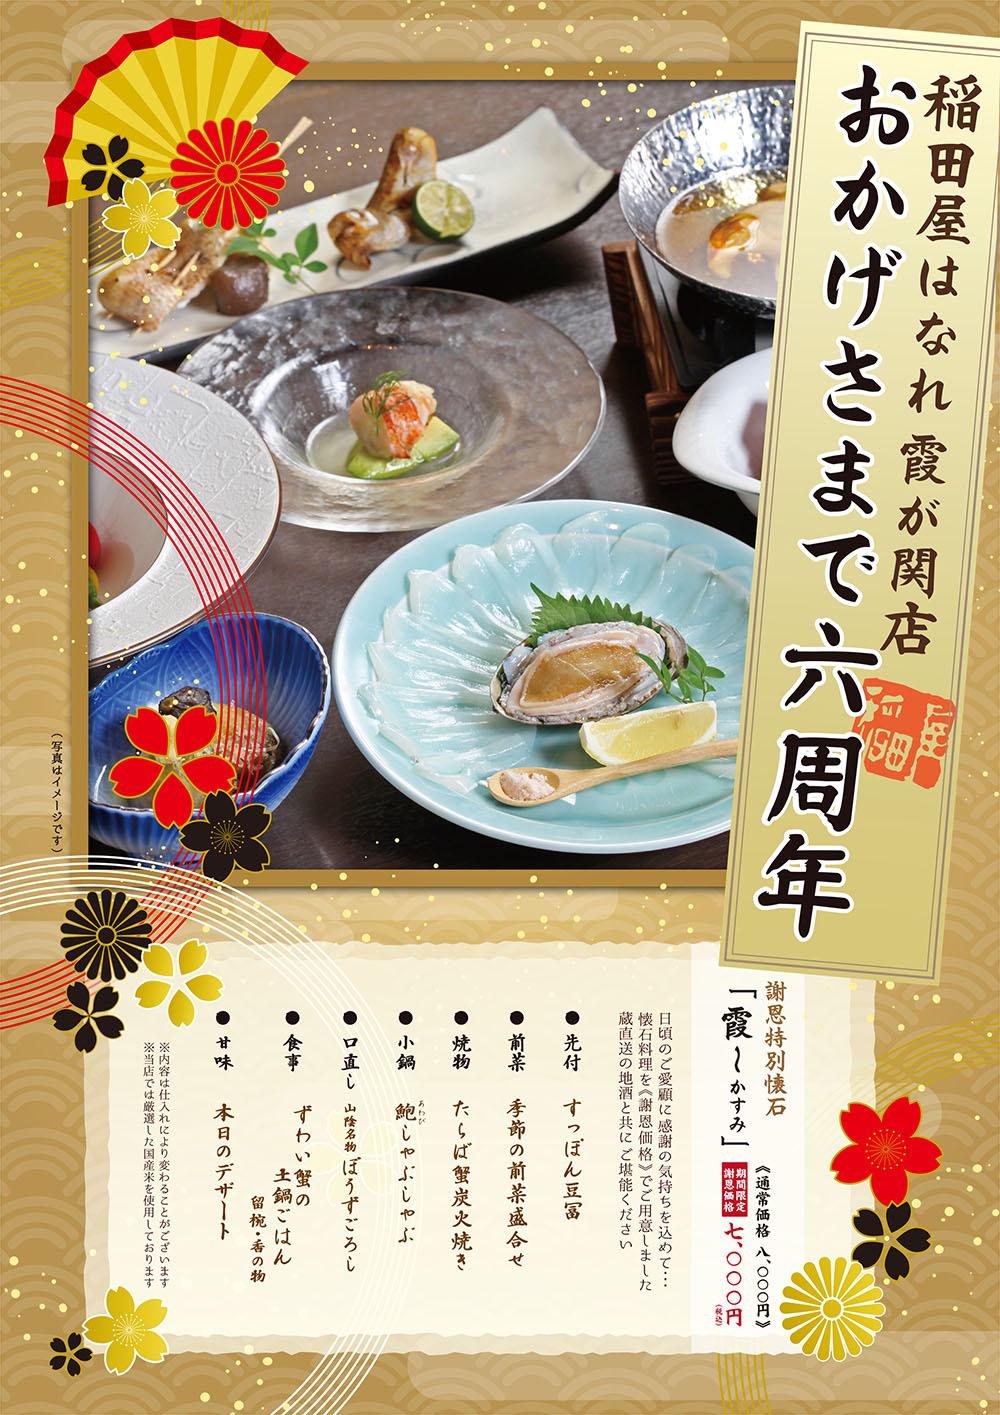 個室処 稲田屋はなれ霞が関店 6周年記念コースポスターイメージ